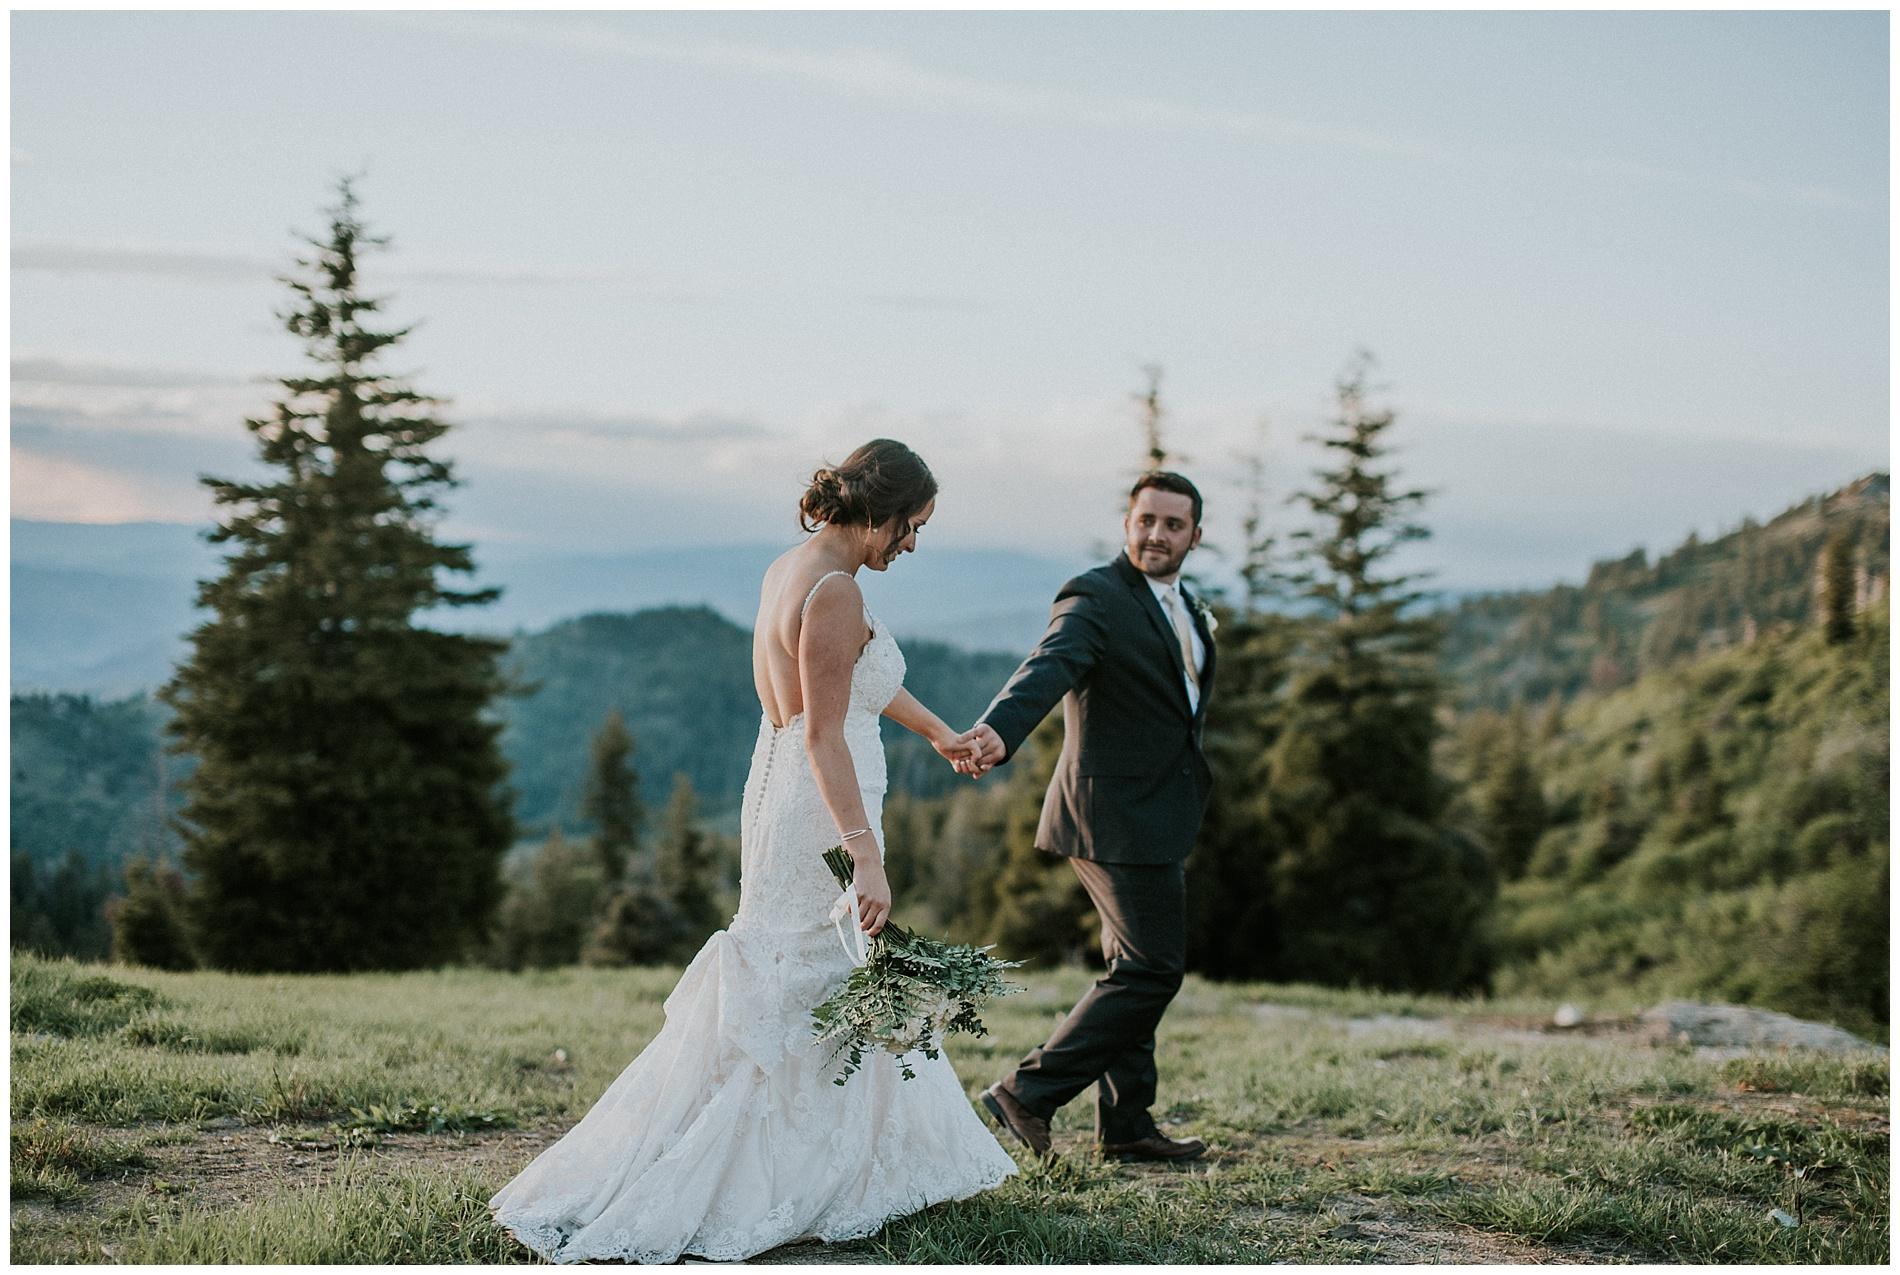 Wedding photography boise id Pro Image Photography of Idaho - Boise Wedding